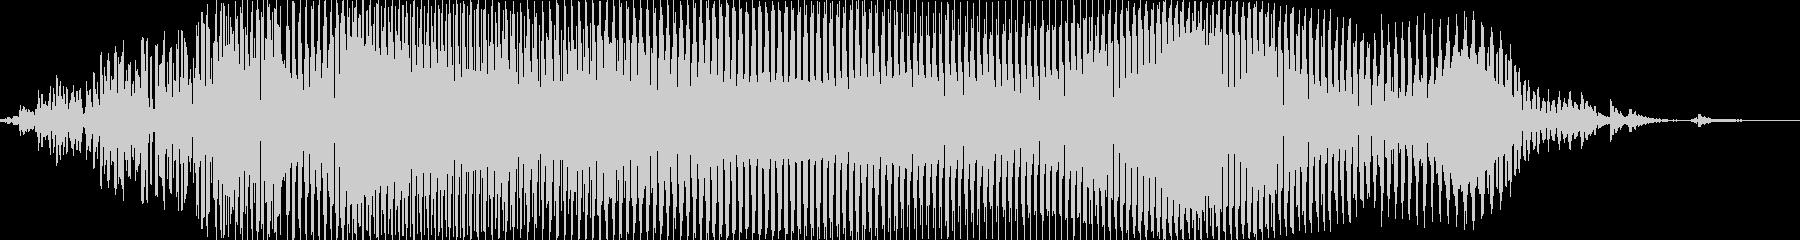 きゃーっ!の未再生の波形